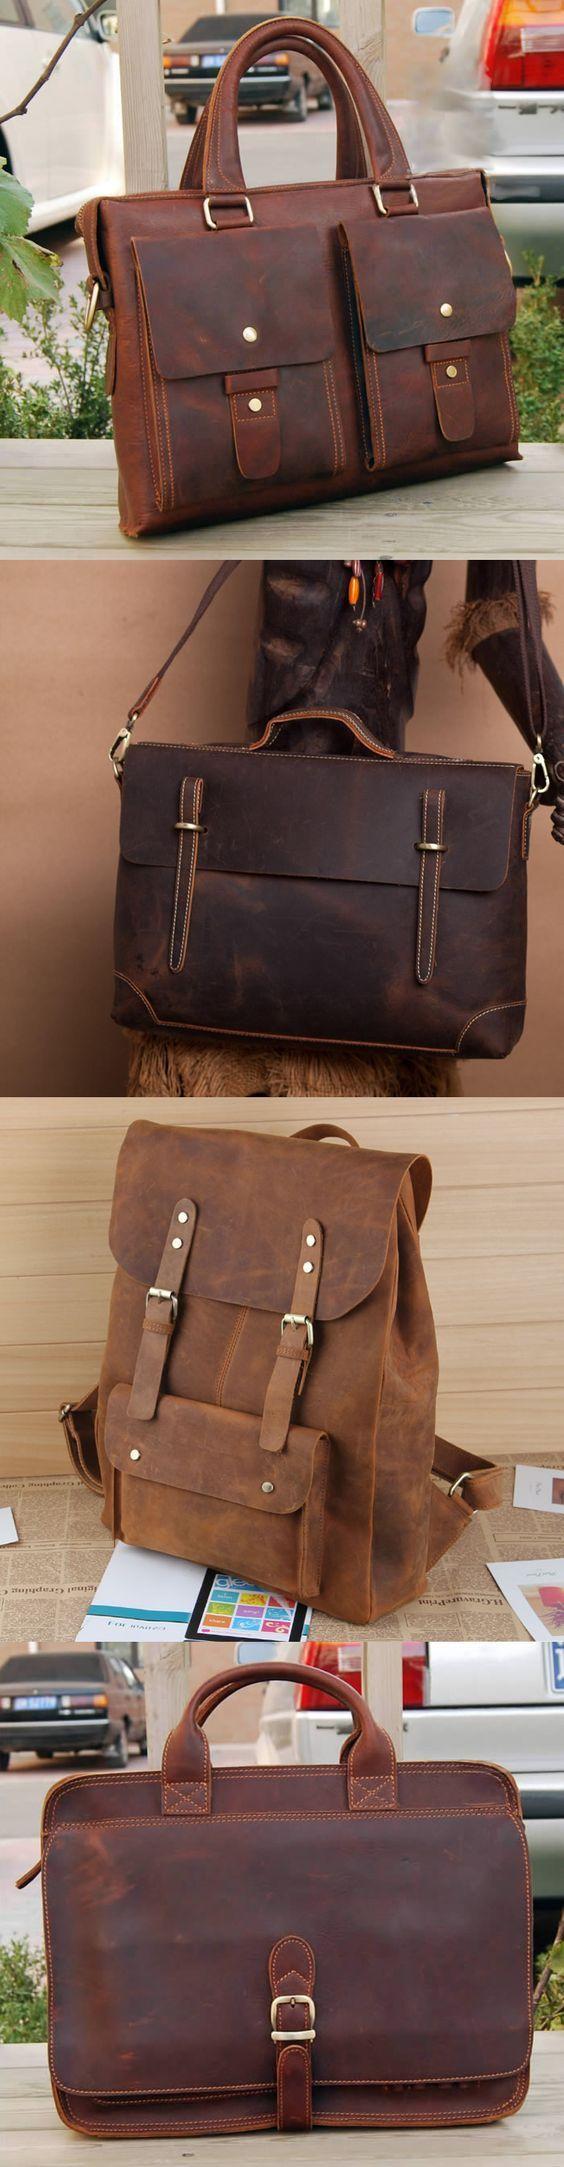 14'' UNISEX Genuine Leather Briefcase, Messenger Bag, Laptop Bag